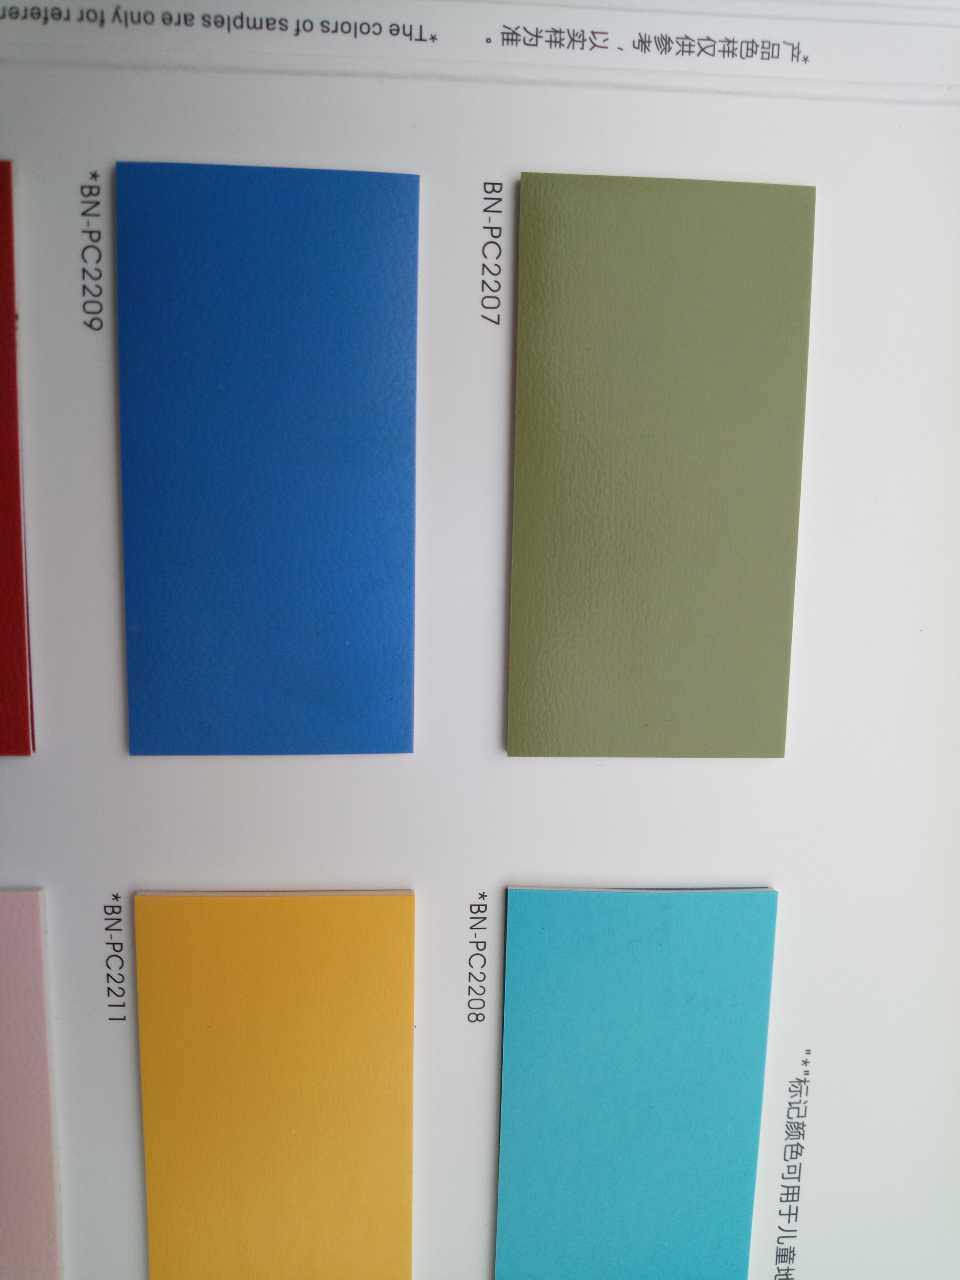 来自伍尚江发布的供应信息:PVC地板... - 成都森禾建材有限公司